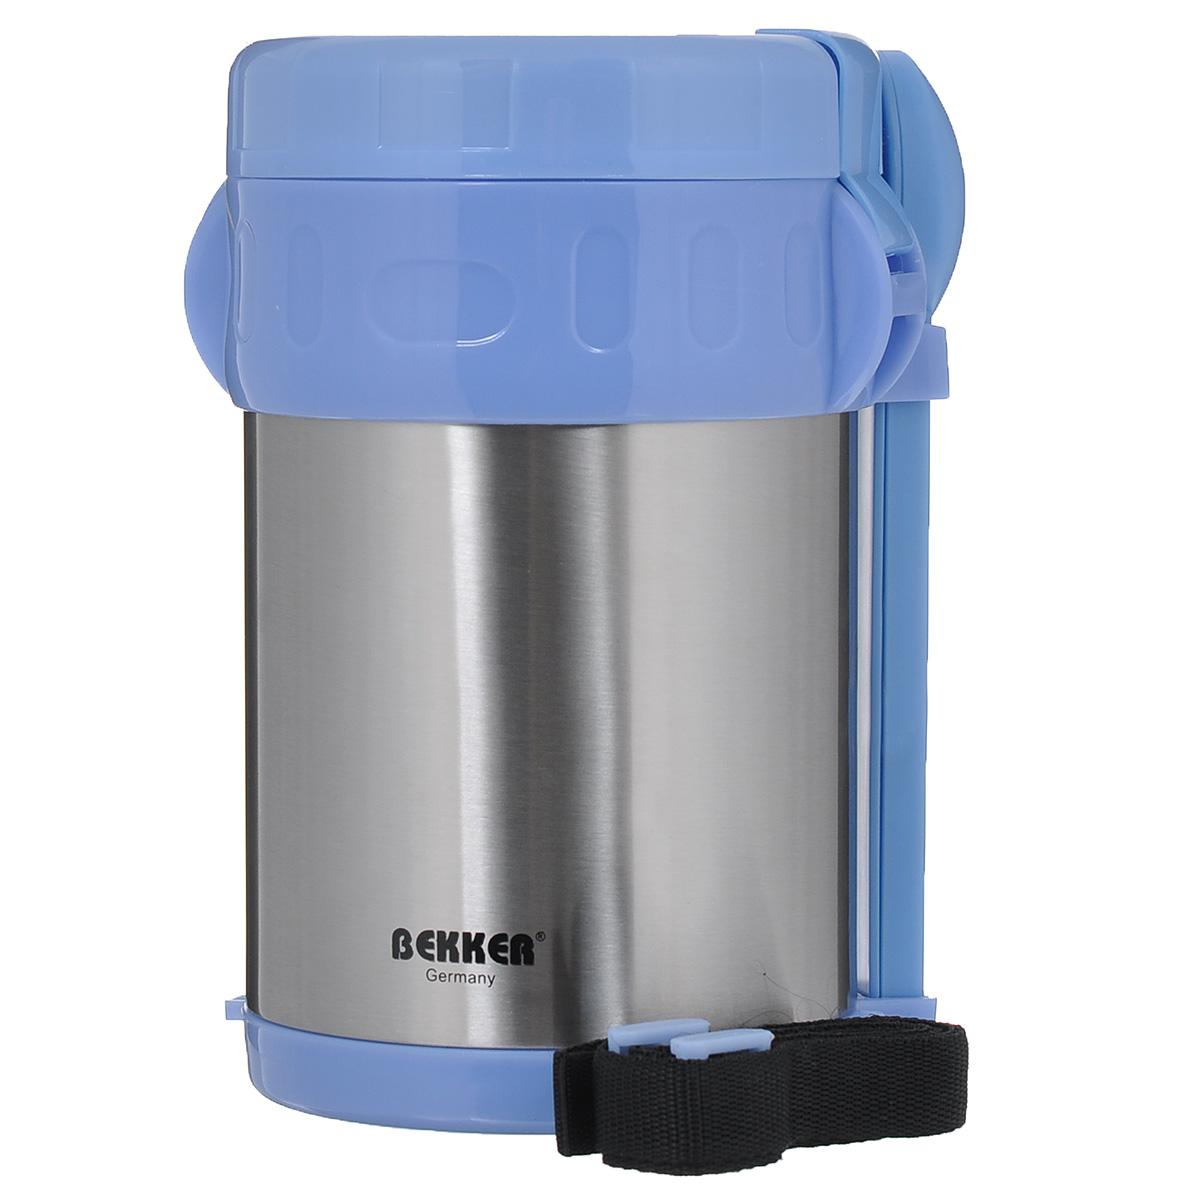 Термос Bekker Koch, с контейнерами, цвет: голубой, стальной, 2 л. BK-42VT-1520(SR)Пищевой термос с широким горлом Bekker, изготовленный из высококачественной нержавеющей стали 18/8, прост в использовании и многофункционален. Изделие имеет двойные стенки, что позволяет пище долго оставаться горячей. Термос снабжен 3 пластиковыми контейнерами разного объема, а также металлической ложкой и вилкой в оригинальном чехле, который вставляется в специальную выемку сбоку термоса. Для удобной переноски предусмотрен специальный ремешок. Термос предназначен для хранения горячей и холодной пищи, замороженных продуктов, мороженного, фруктов и льда. Крышка плотно закрывается на две защелки. Высота (с учетом крышки): 22 см.Диаметр горлышка: 13 см.Диаметр контейнеров: 11,5 см.Высота контейнеров: 9 см; 5 см; 3,5 см. Объем контейнеров: 700 мл; 400 мл; 250 мл.Длина вилки/ложки: 15 см.